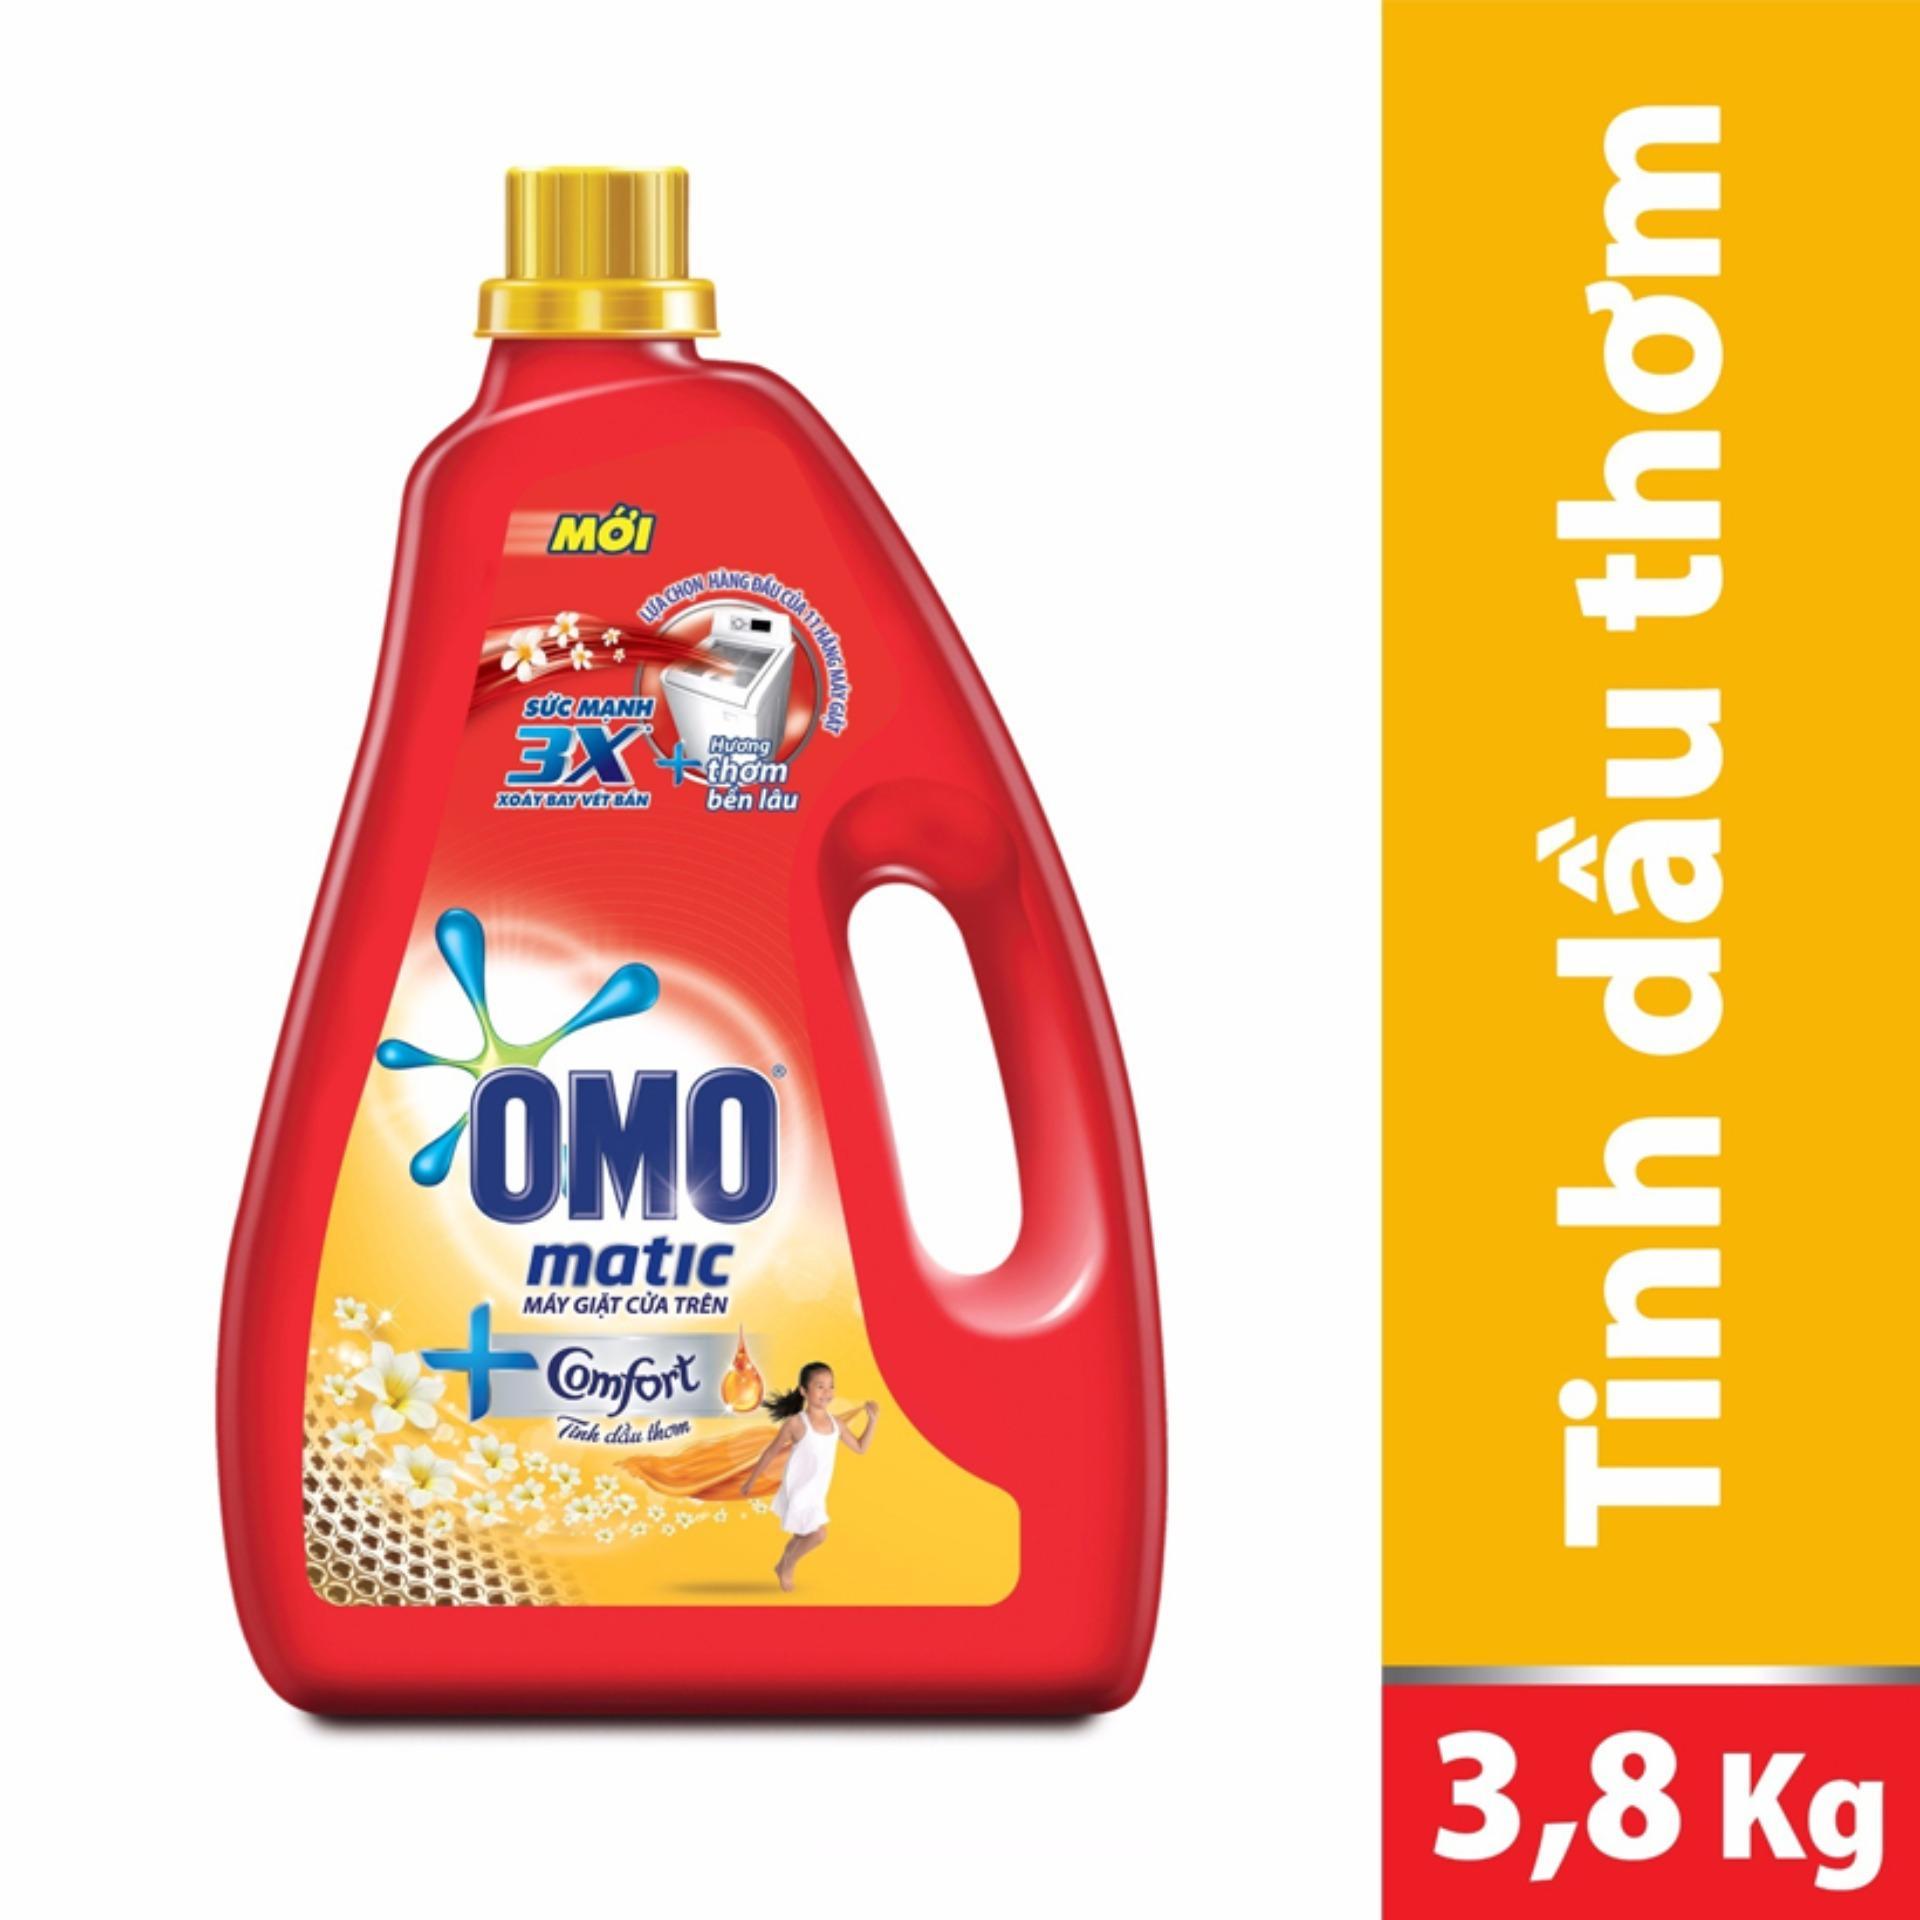 Nước giặt máy Omo hương Comfort tinh dầu thơm 3.8kg